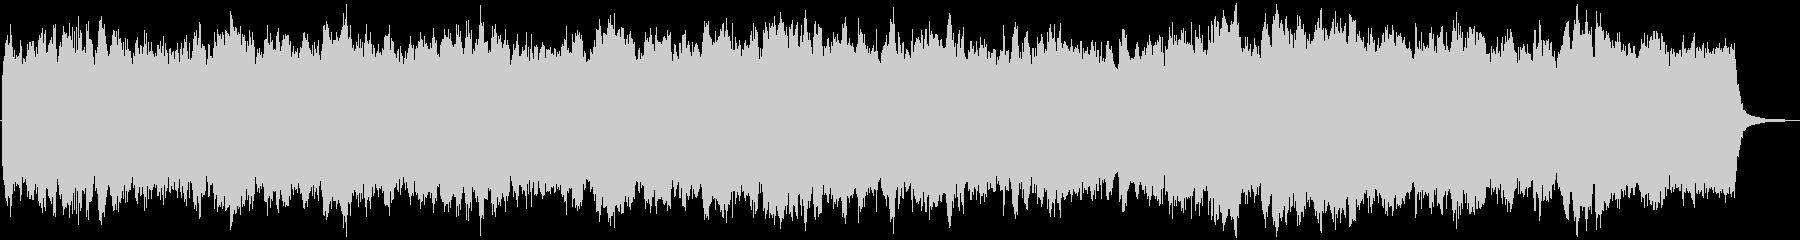 「惑星ソラリス」で有名なバッハオルガン曲の未再生の波形